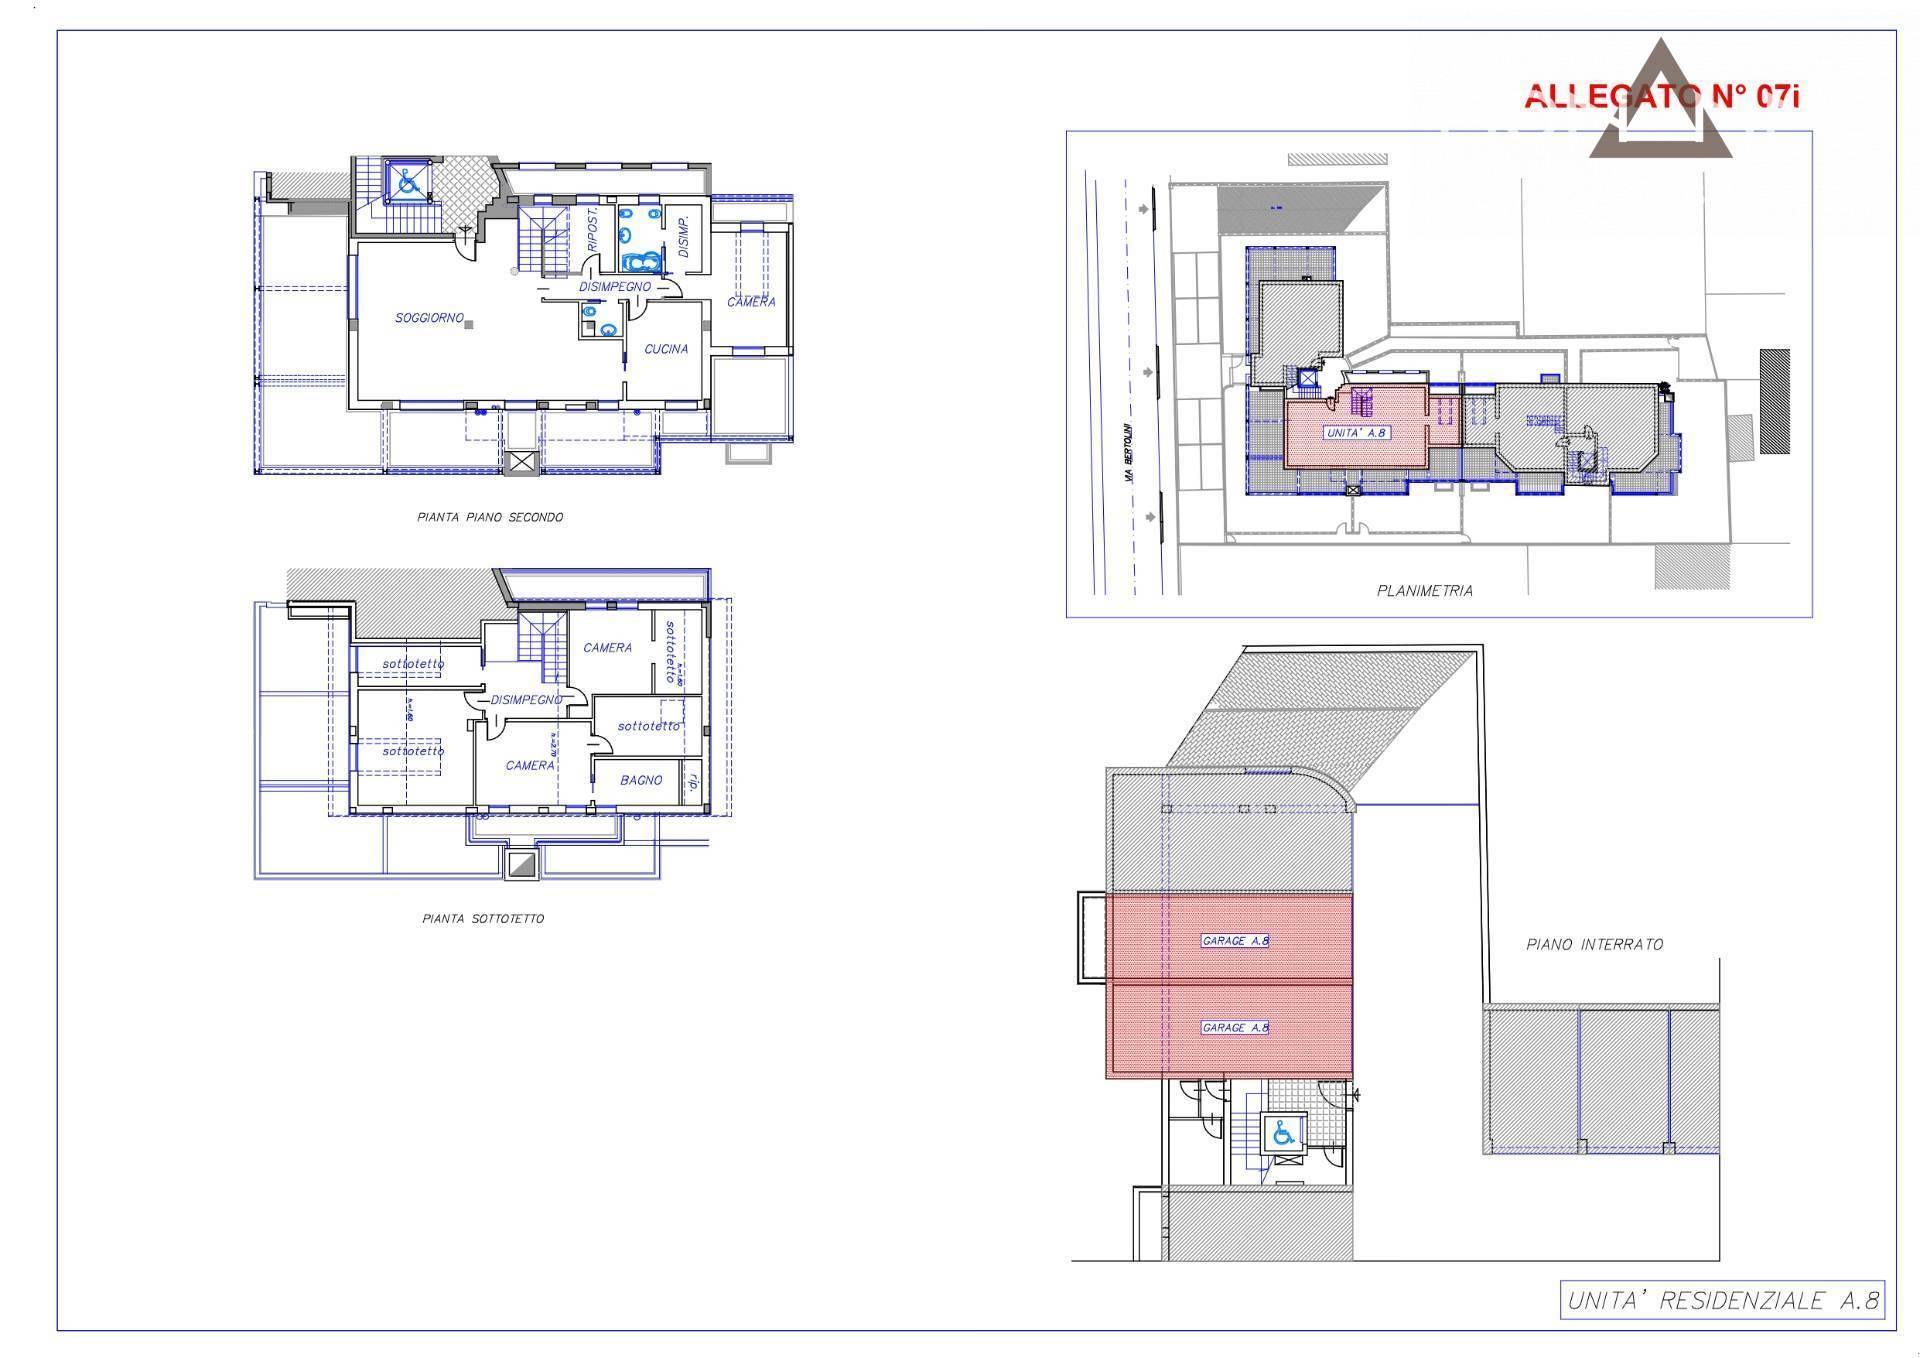 Attico / Mansarda in vendita a Montebelluna, 5 locali, prezzo € 280.000   PortaleAgenzieImmobiliari.it